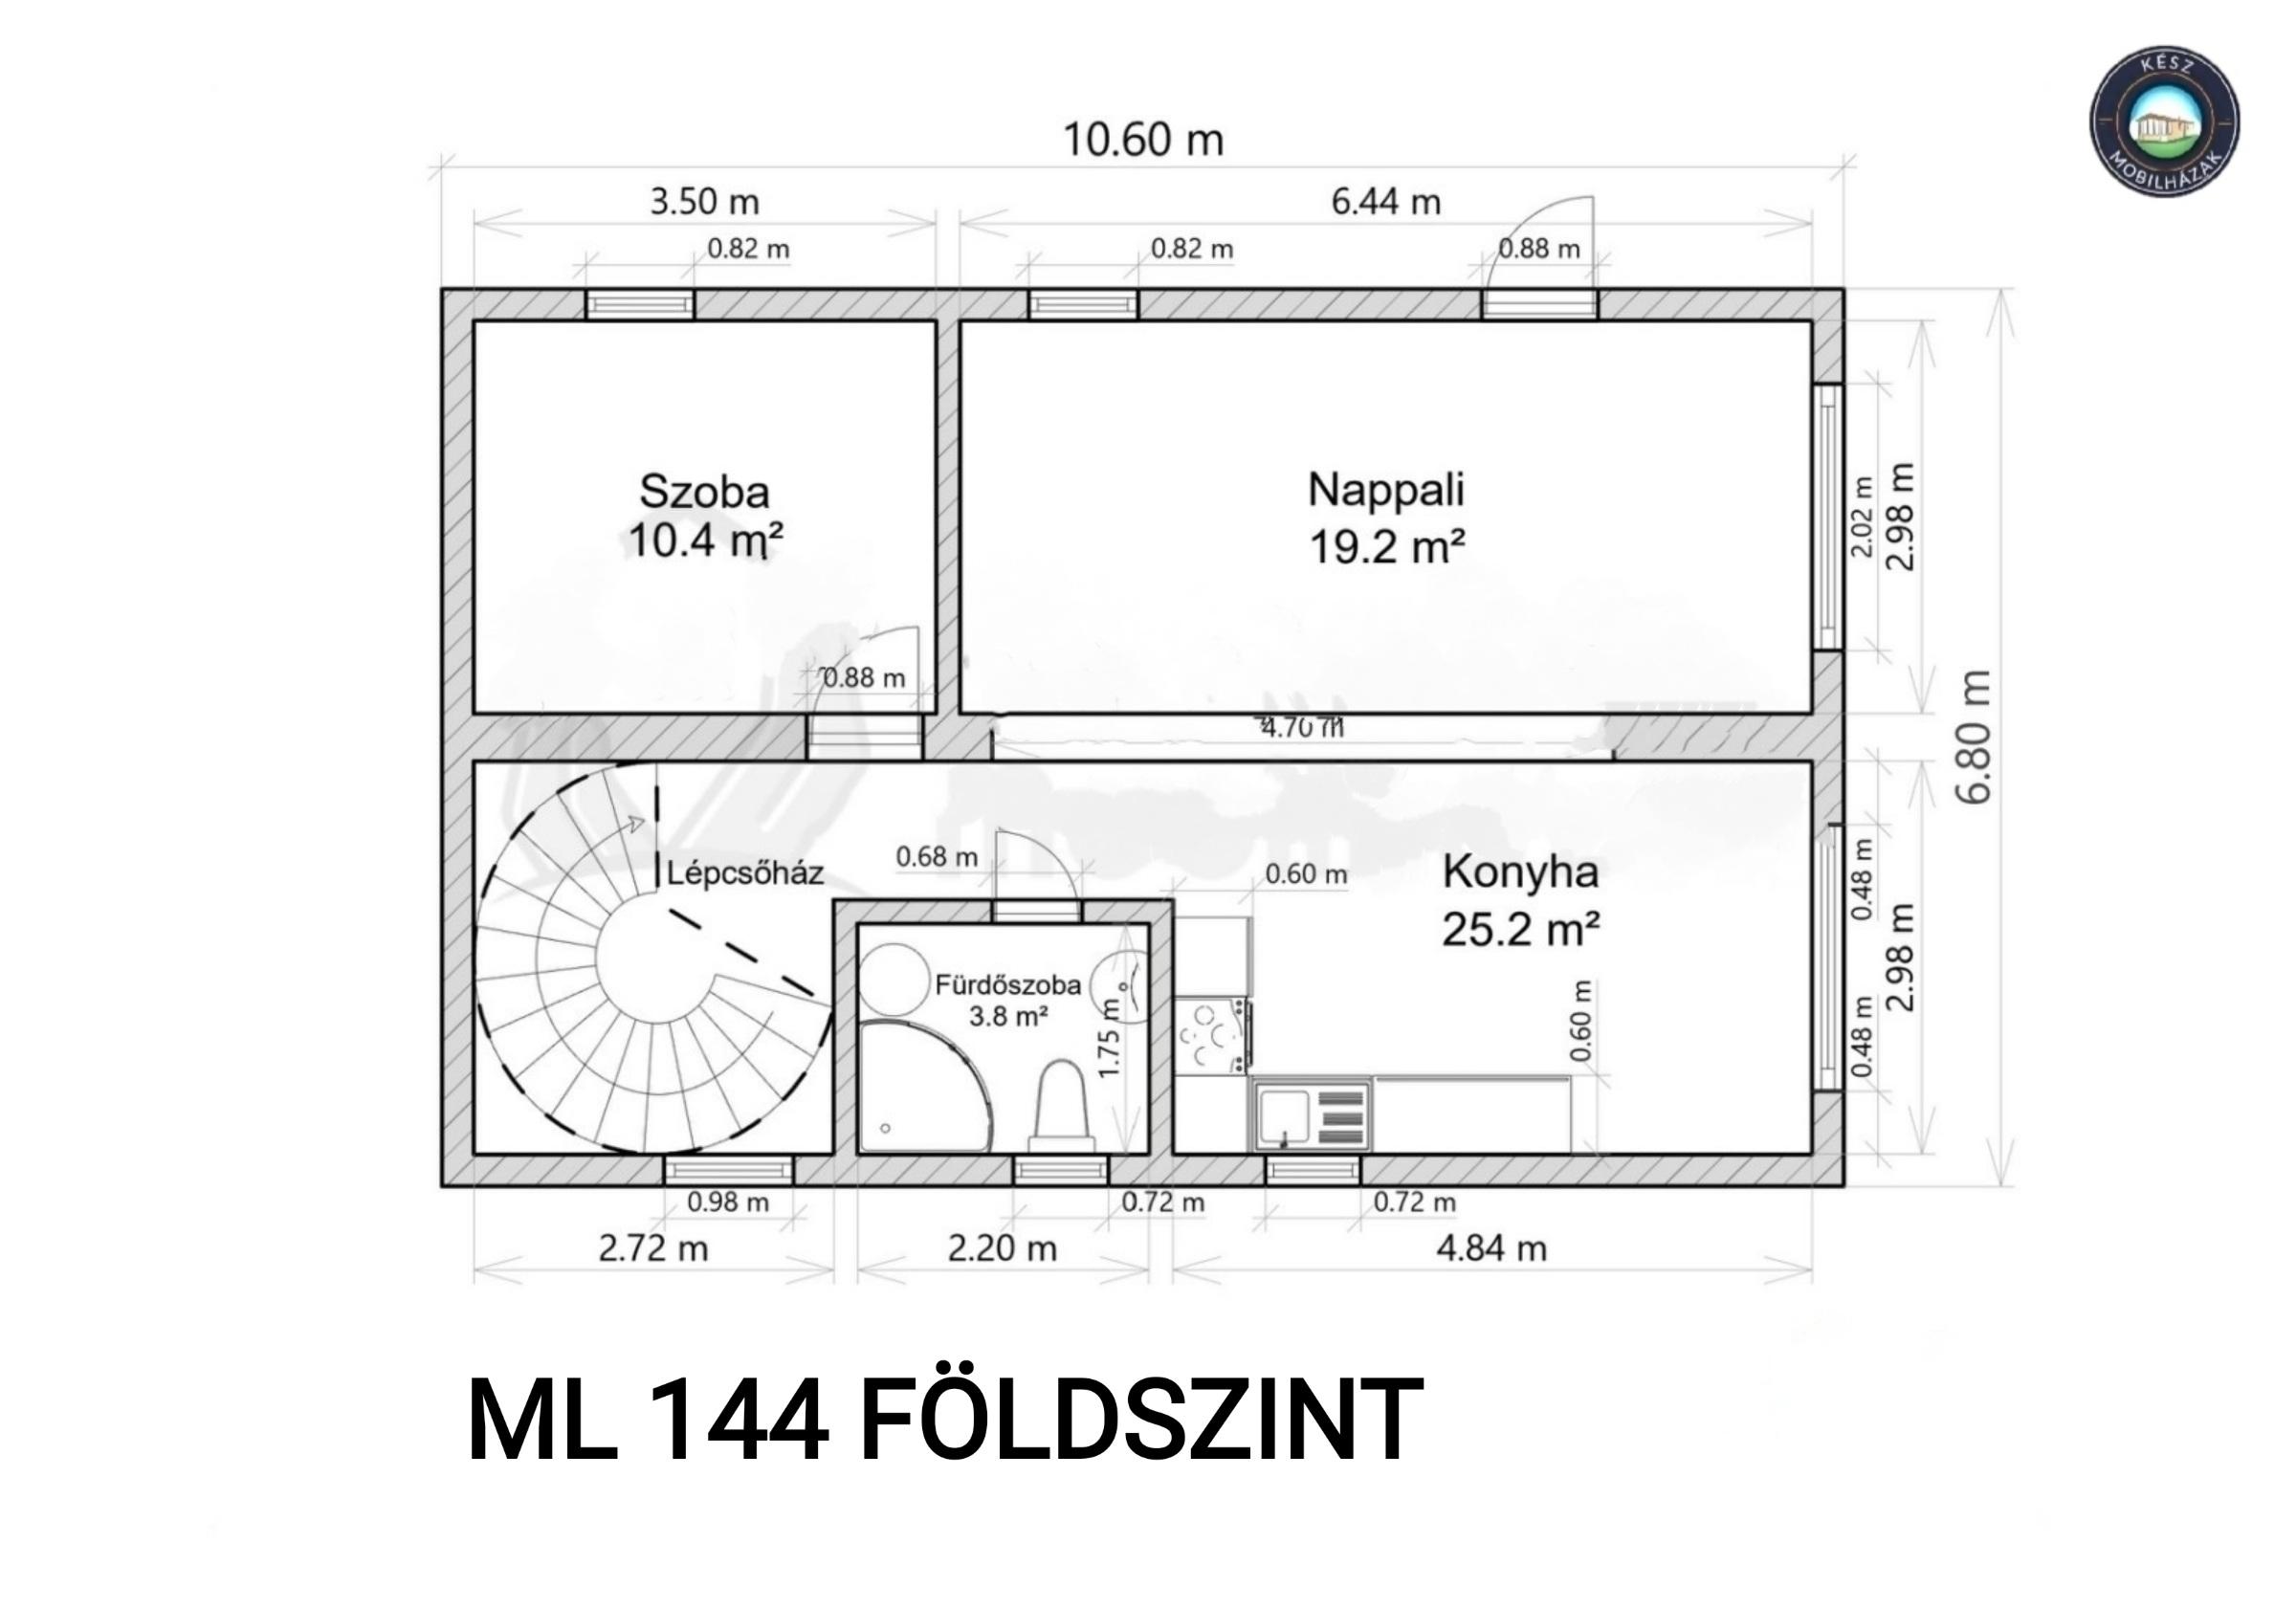 ML144 földszint